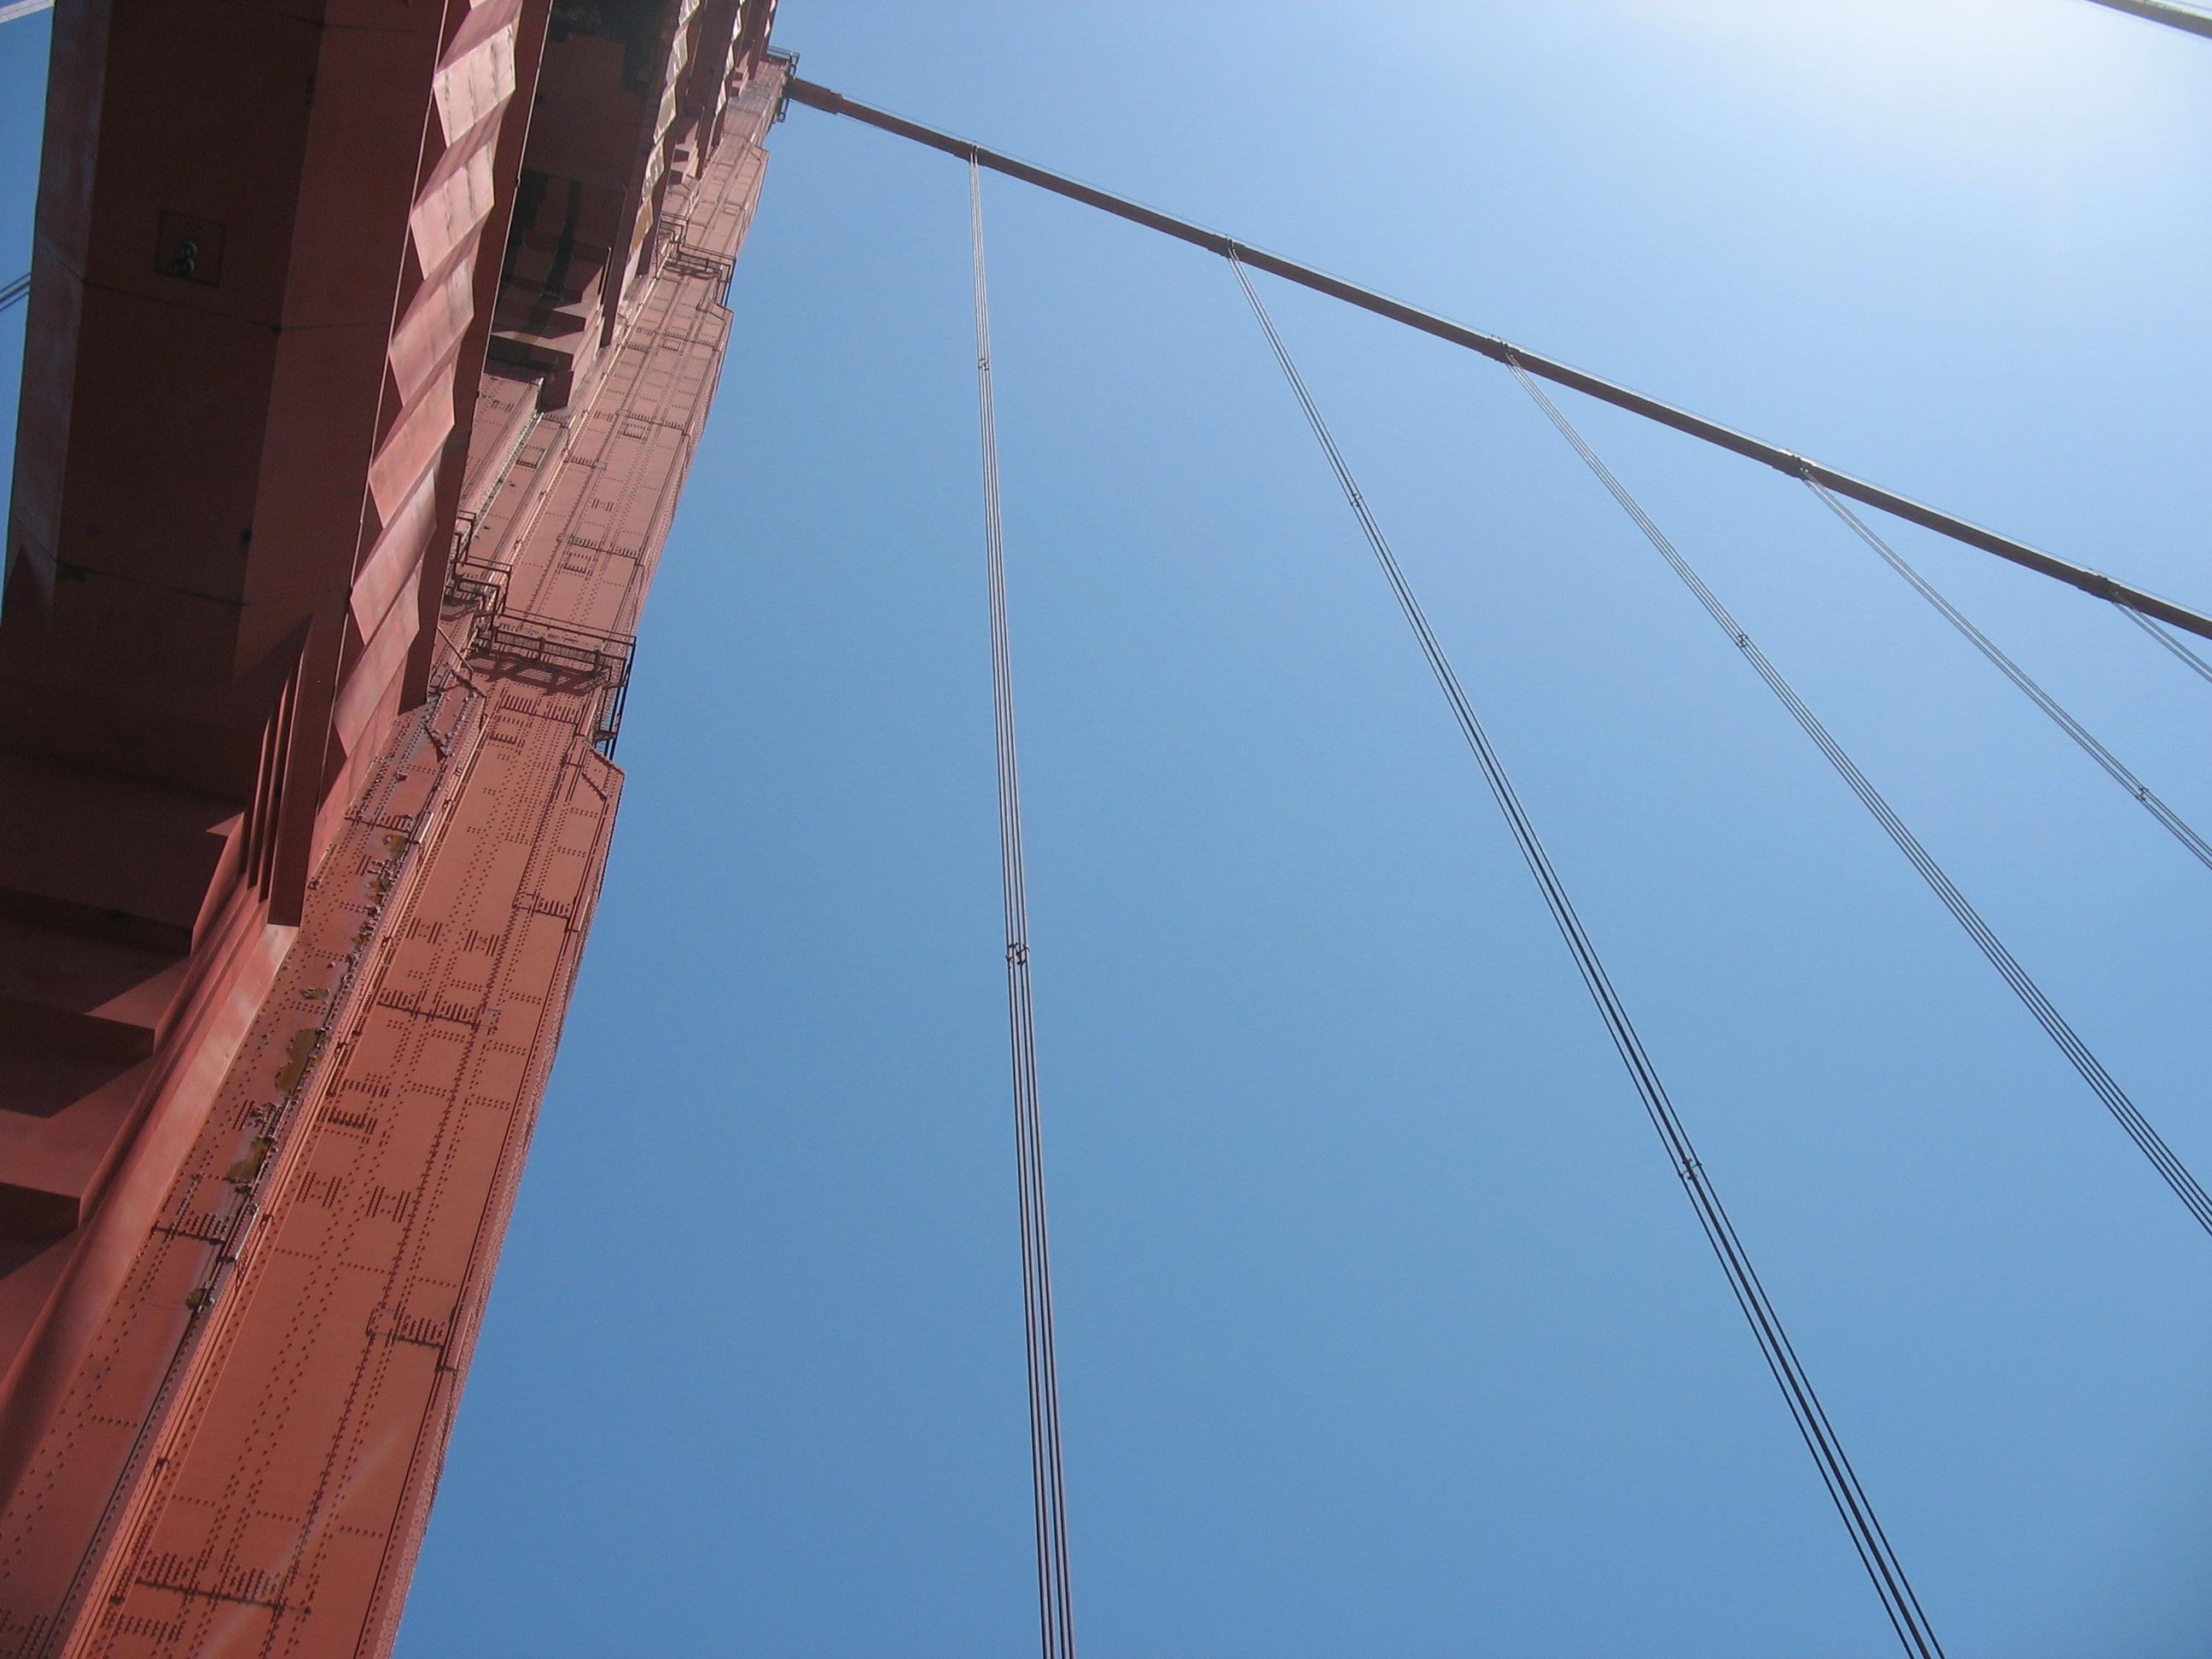 Golden Gate bridge, vanuit klimmersperspectief